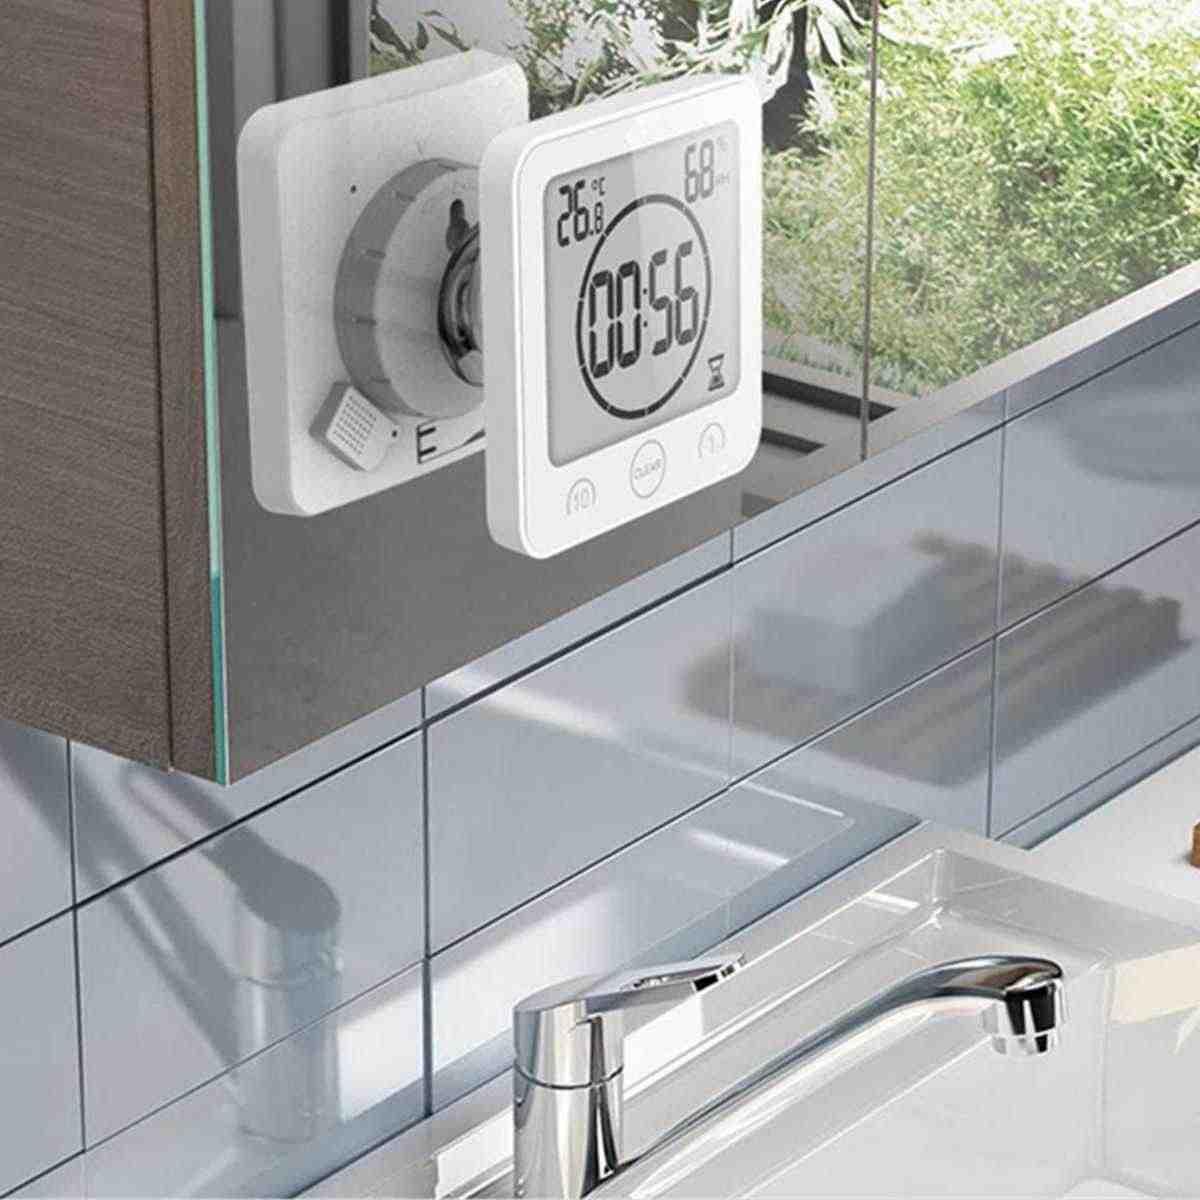 Водонепроницаемые ЖК-цифровые настенные часы для душа на присоске настенная подставка с сигнализацией Таймер Температура Влажность Ванна Метеостанция для дома